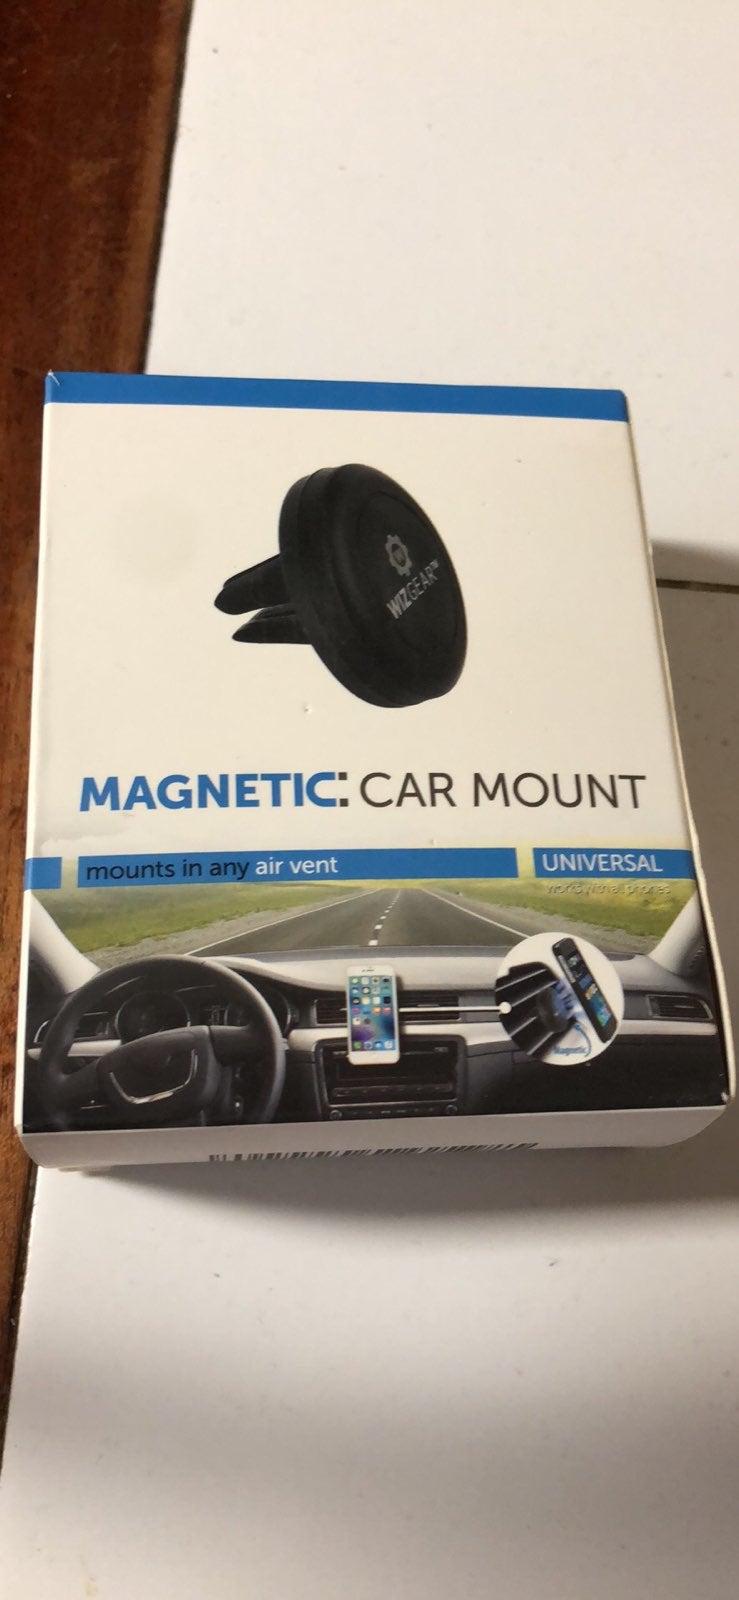 Wizgear magnetic car mount.